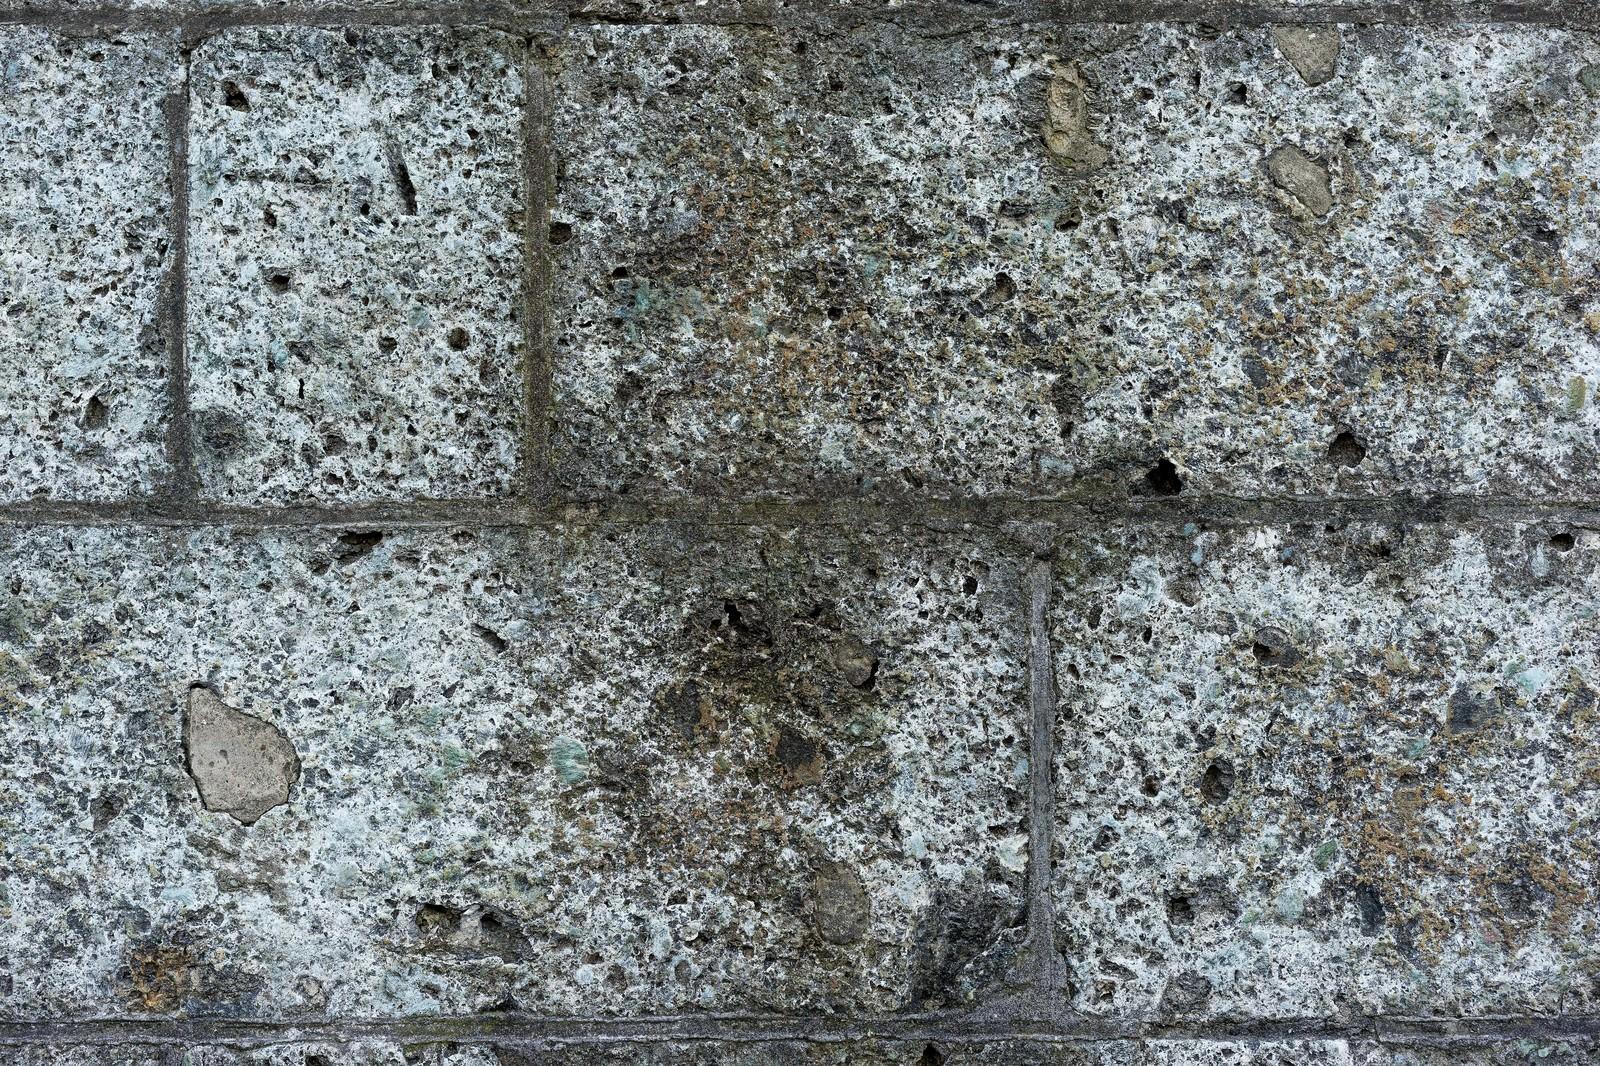 「ボロボロに朽ちたブロック(テクスチャー)ボロボロに朽ちたブロック(テクスチャー)」のフリー写真素材を拡大